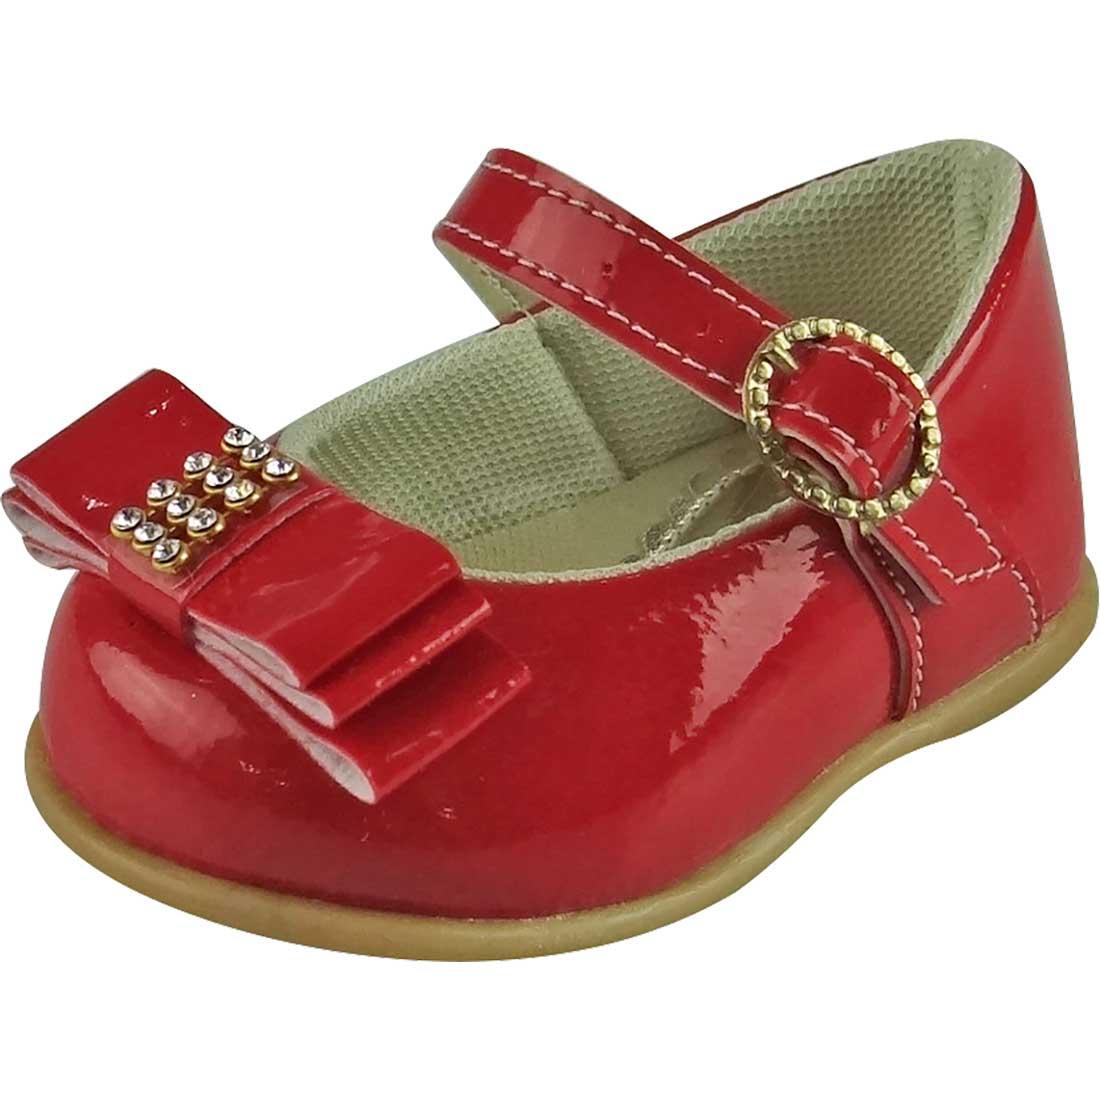 Sapato Boneca Baby com Lacinho e Strass - Vermelho